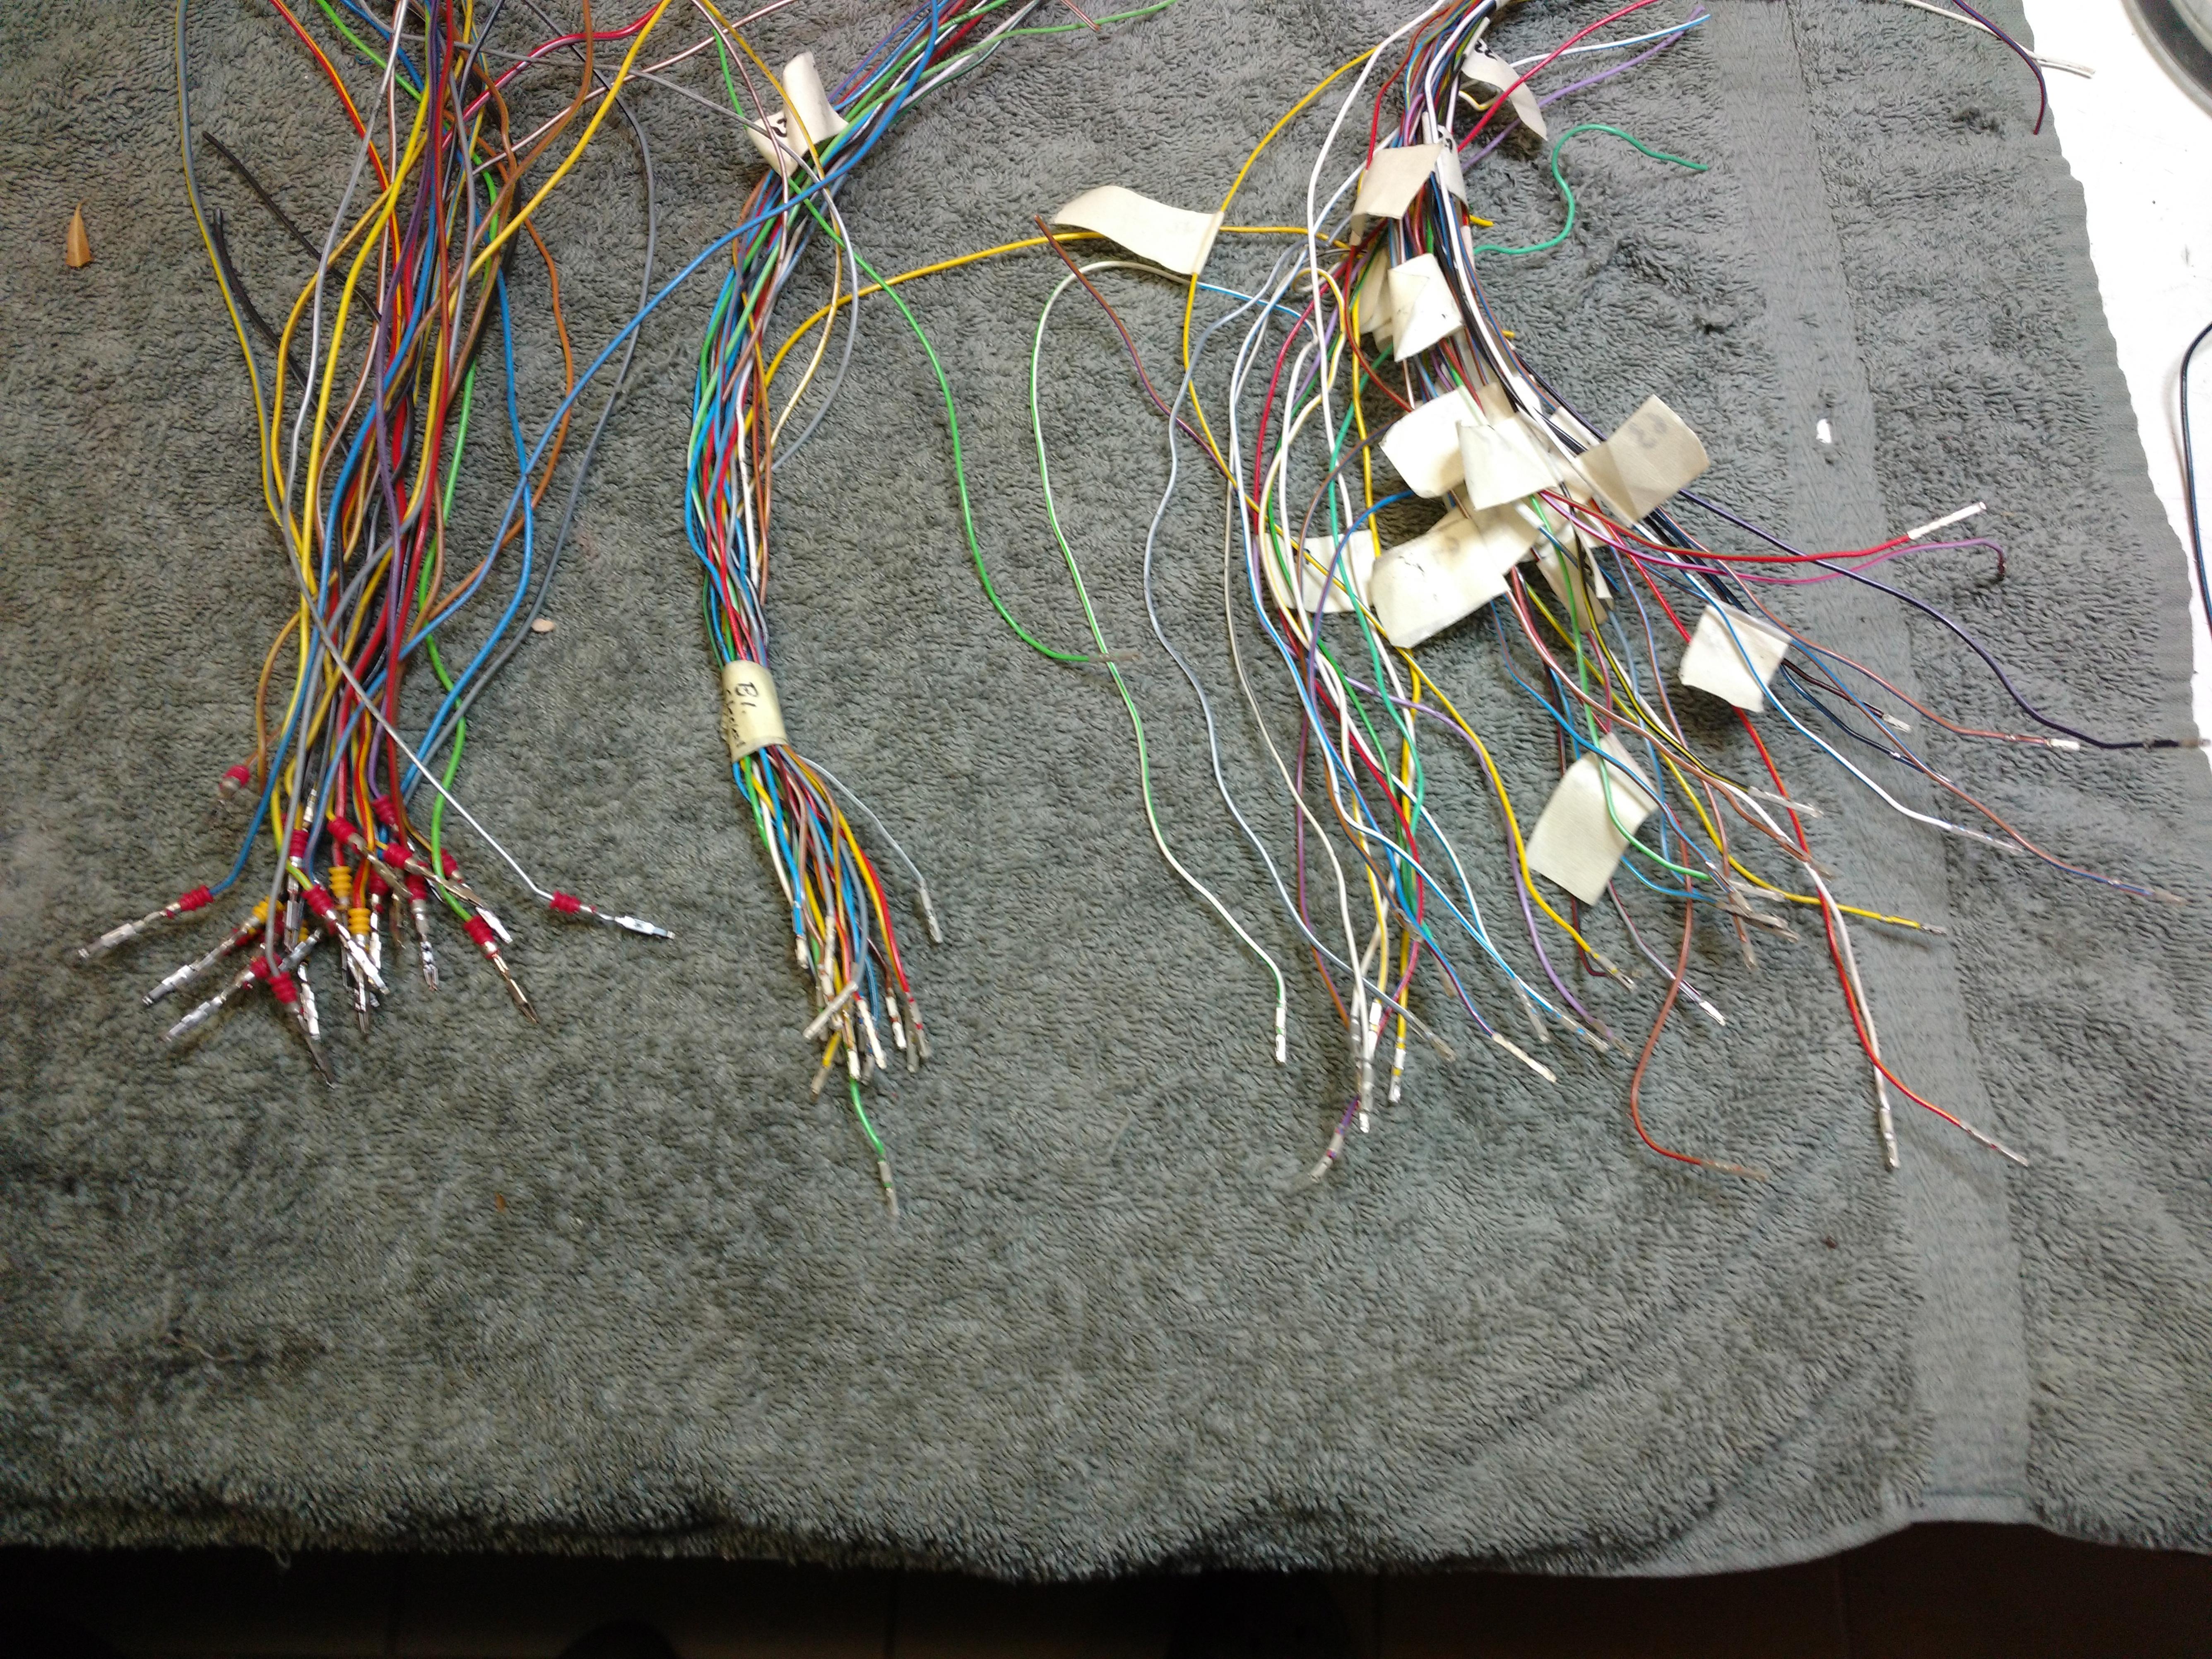 Pins.jpg.55ca3ca89fd3d163d5e2b0aa403f55b4.jpg